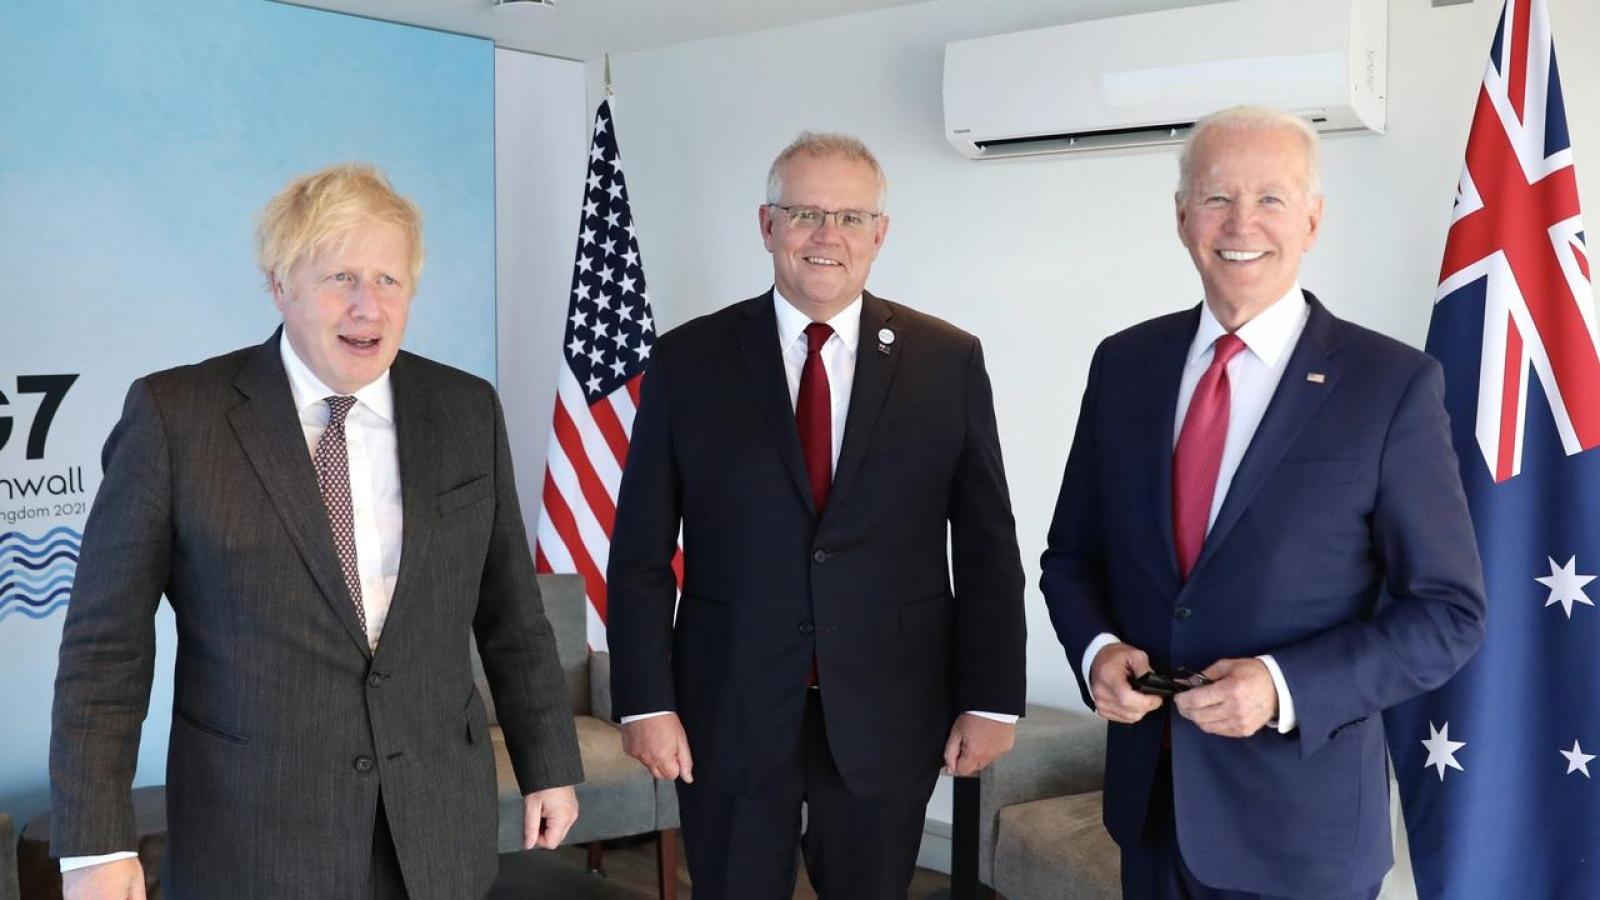 Liên minh AUKUS giữa Australia - Anh - Mỹ và thông điệp gửi tới khu vực